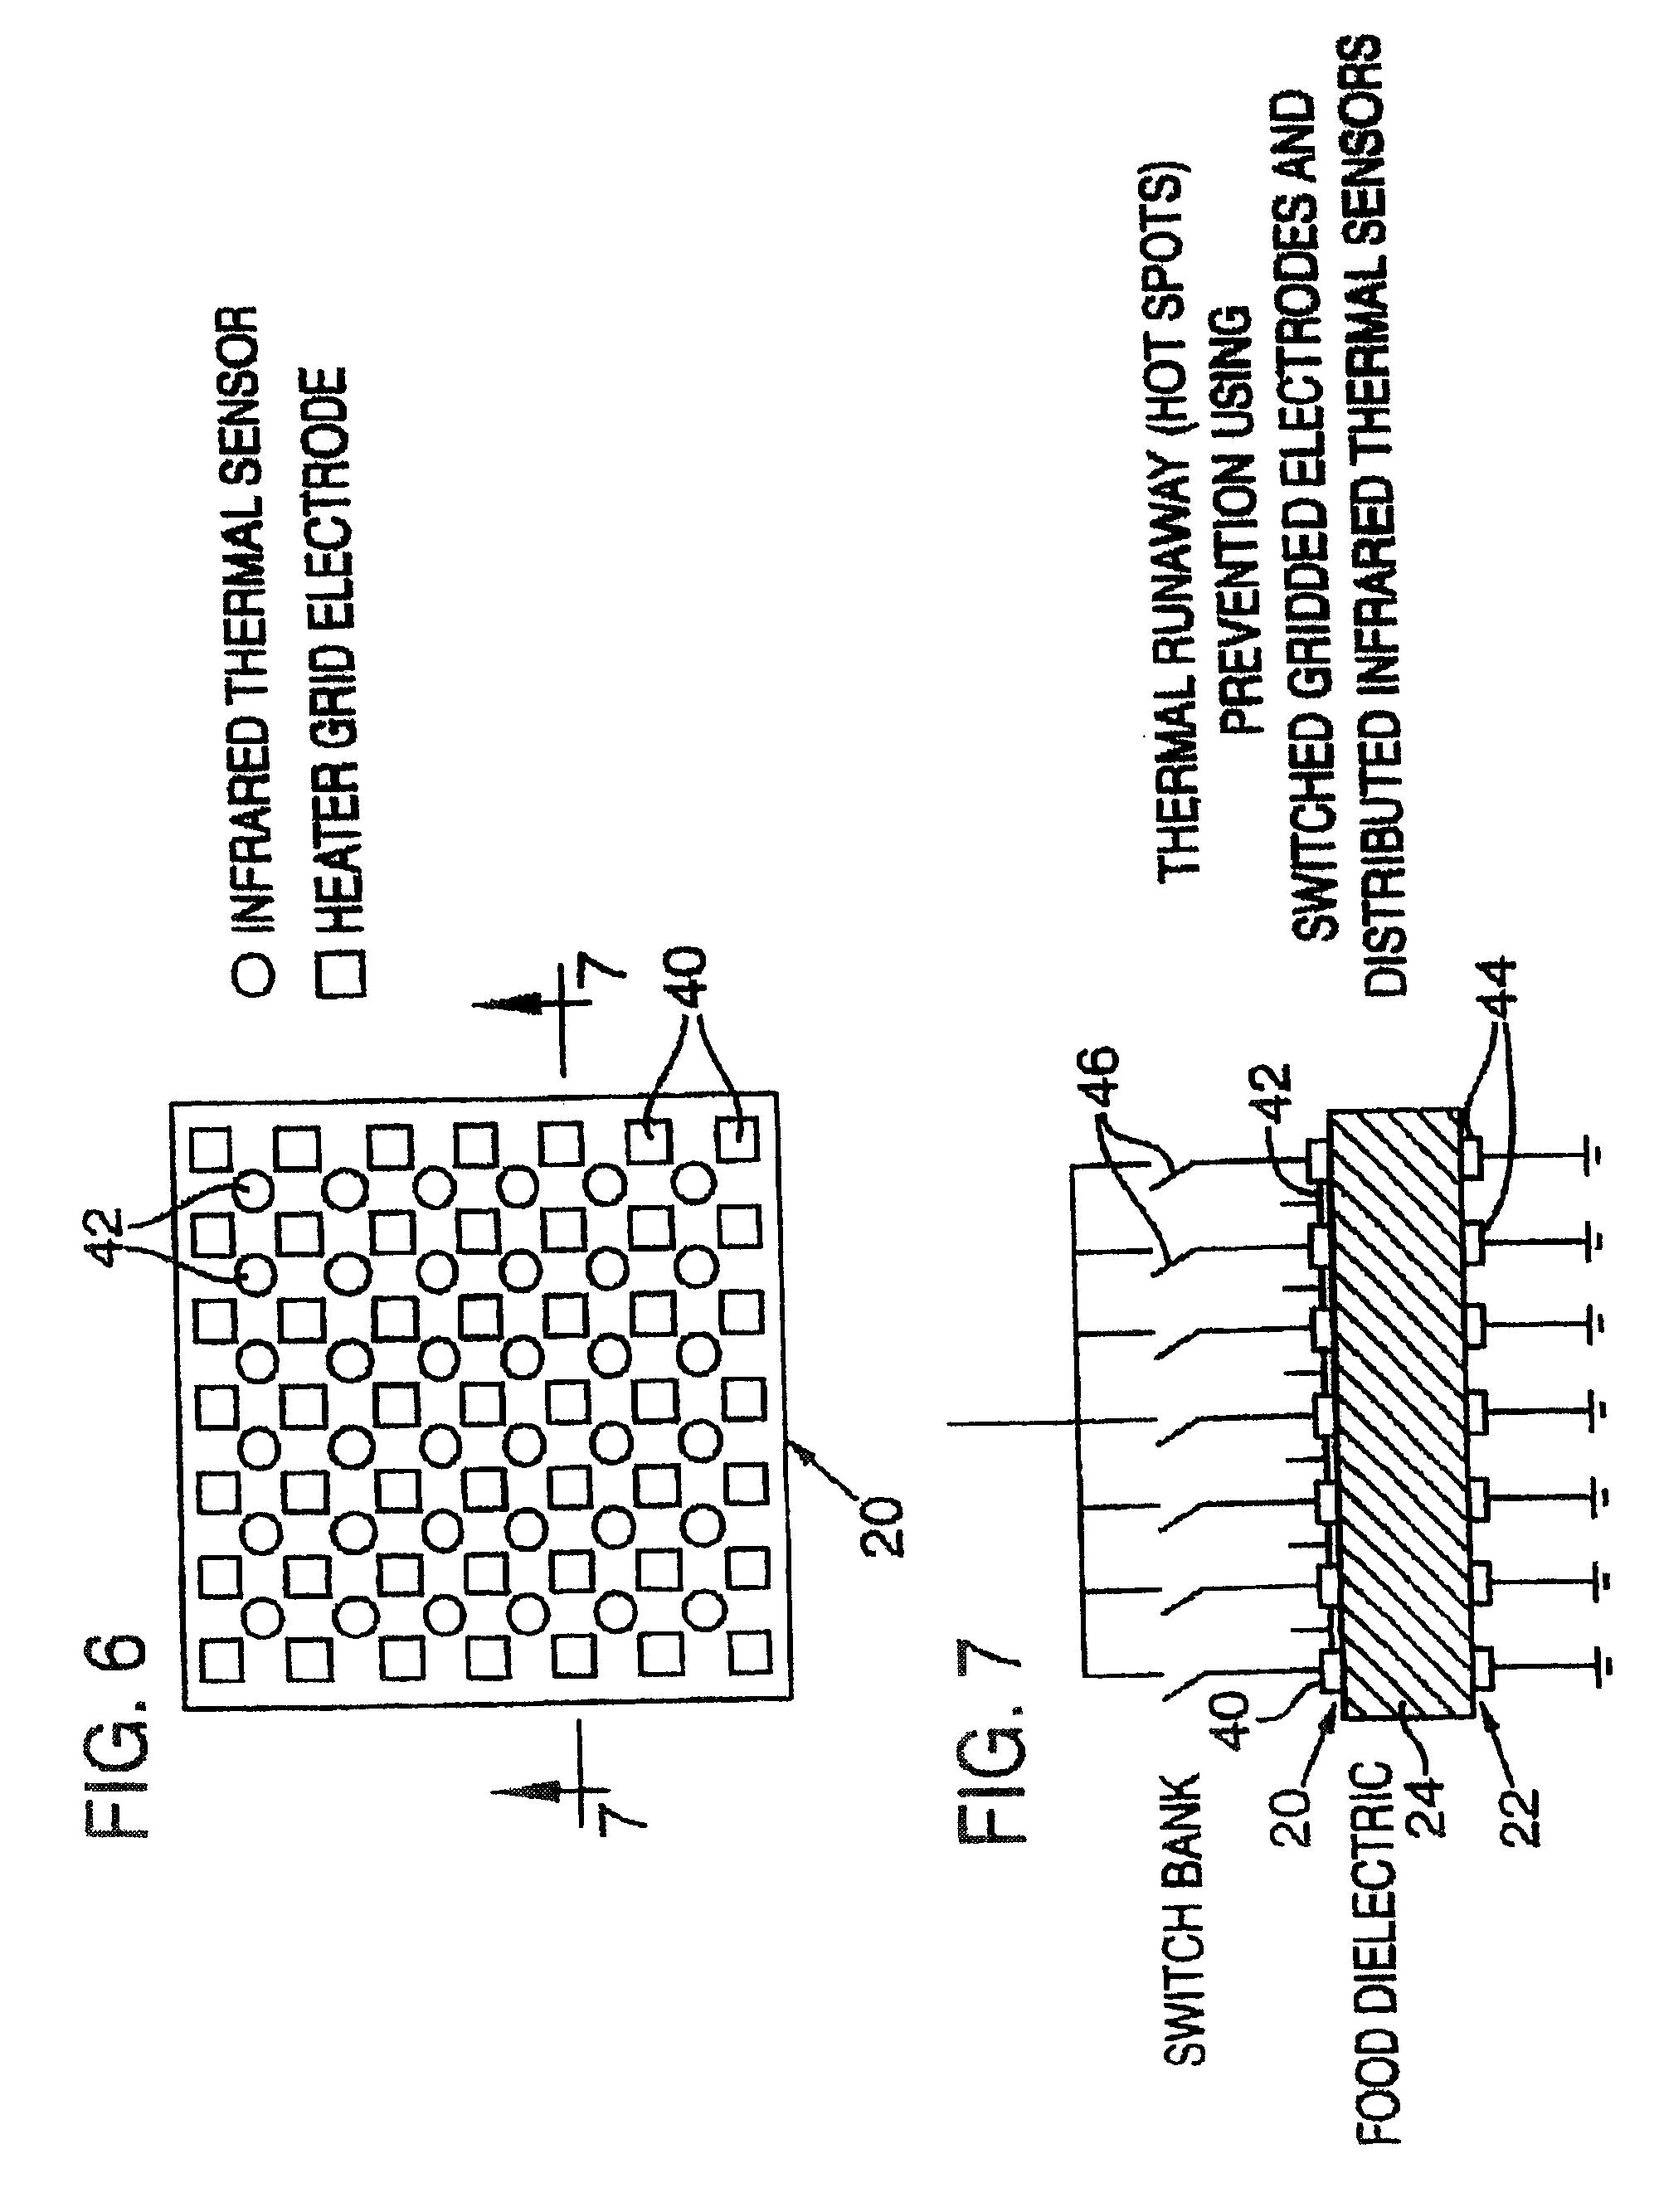 patent us6657173